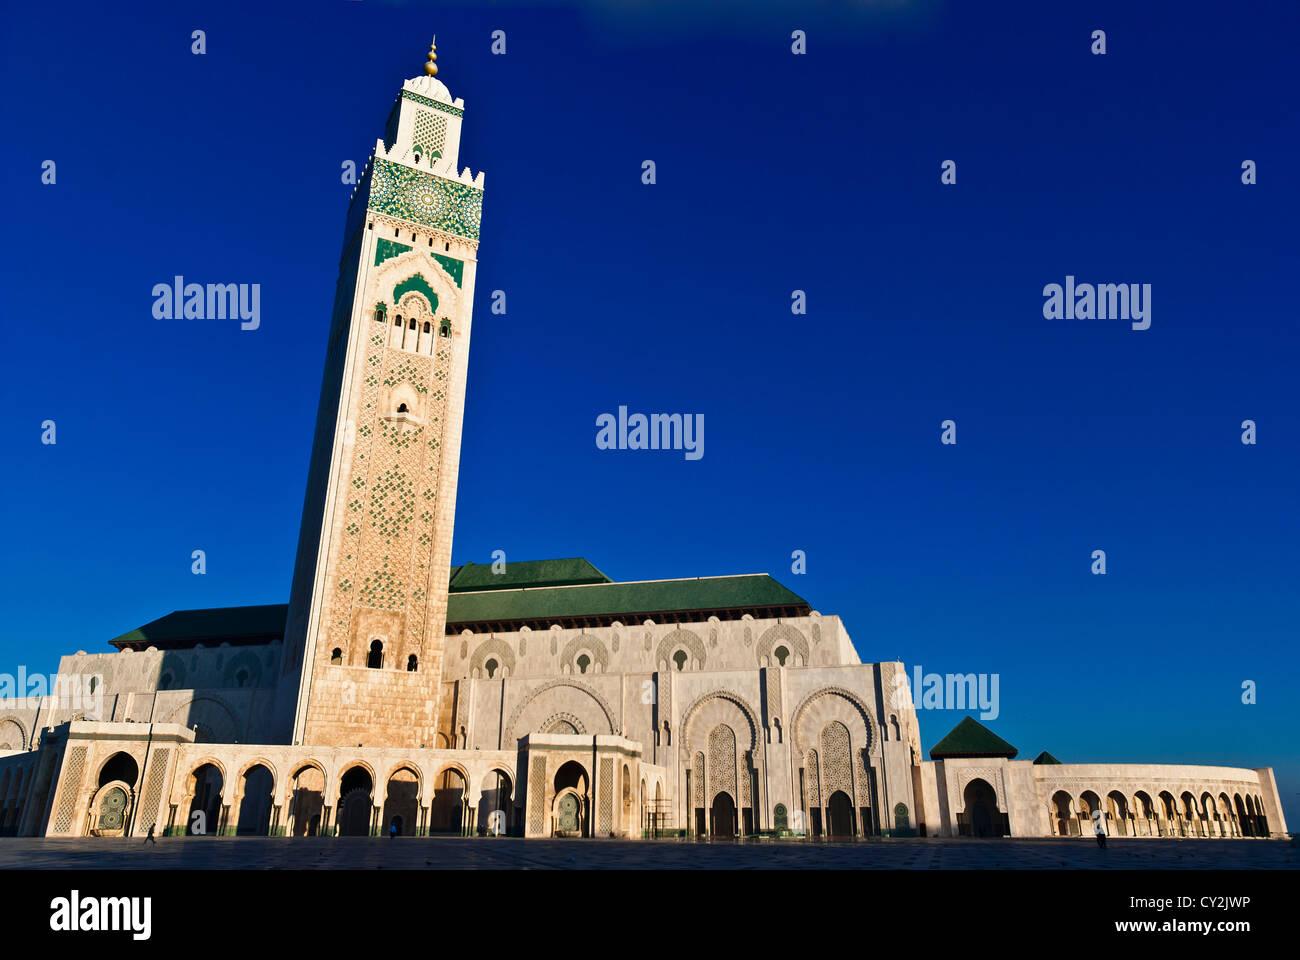 Il re Hassan II Mosque, Casablanca, Marocco Immagini Stock